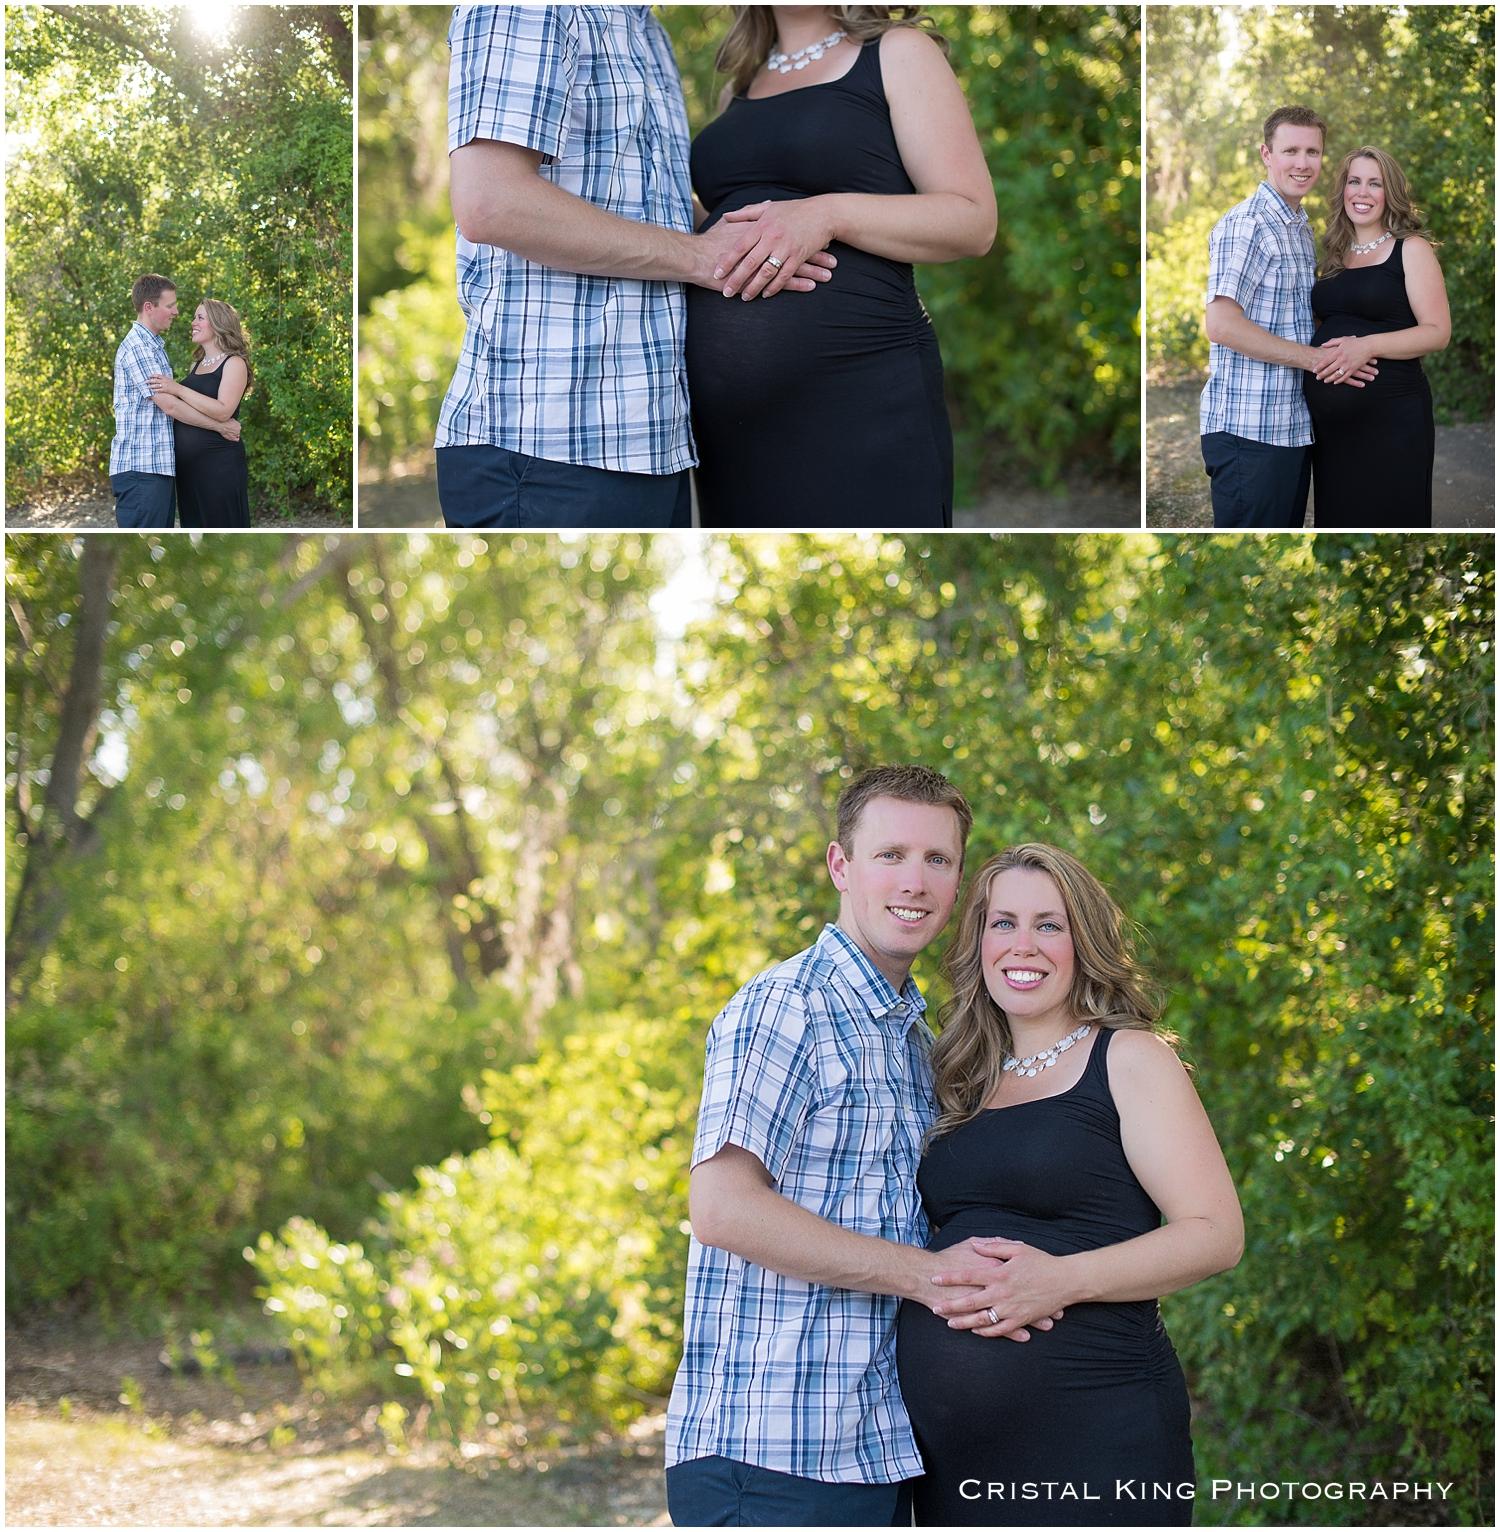 Geoff & Jennifer web-19.jpg